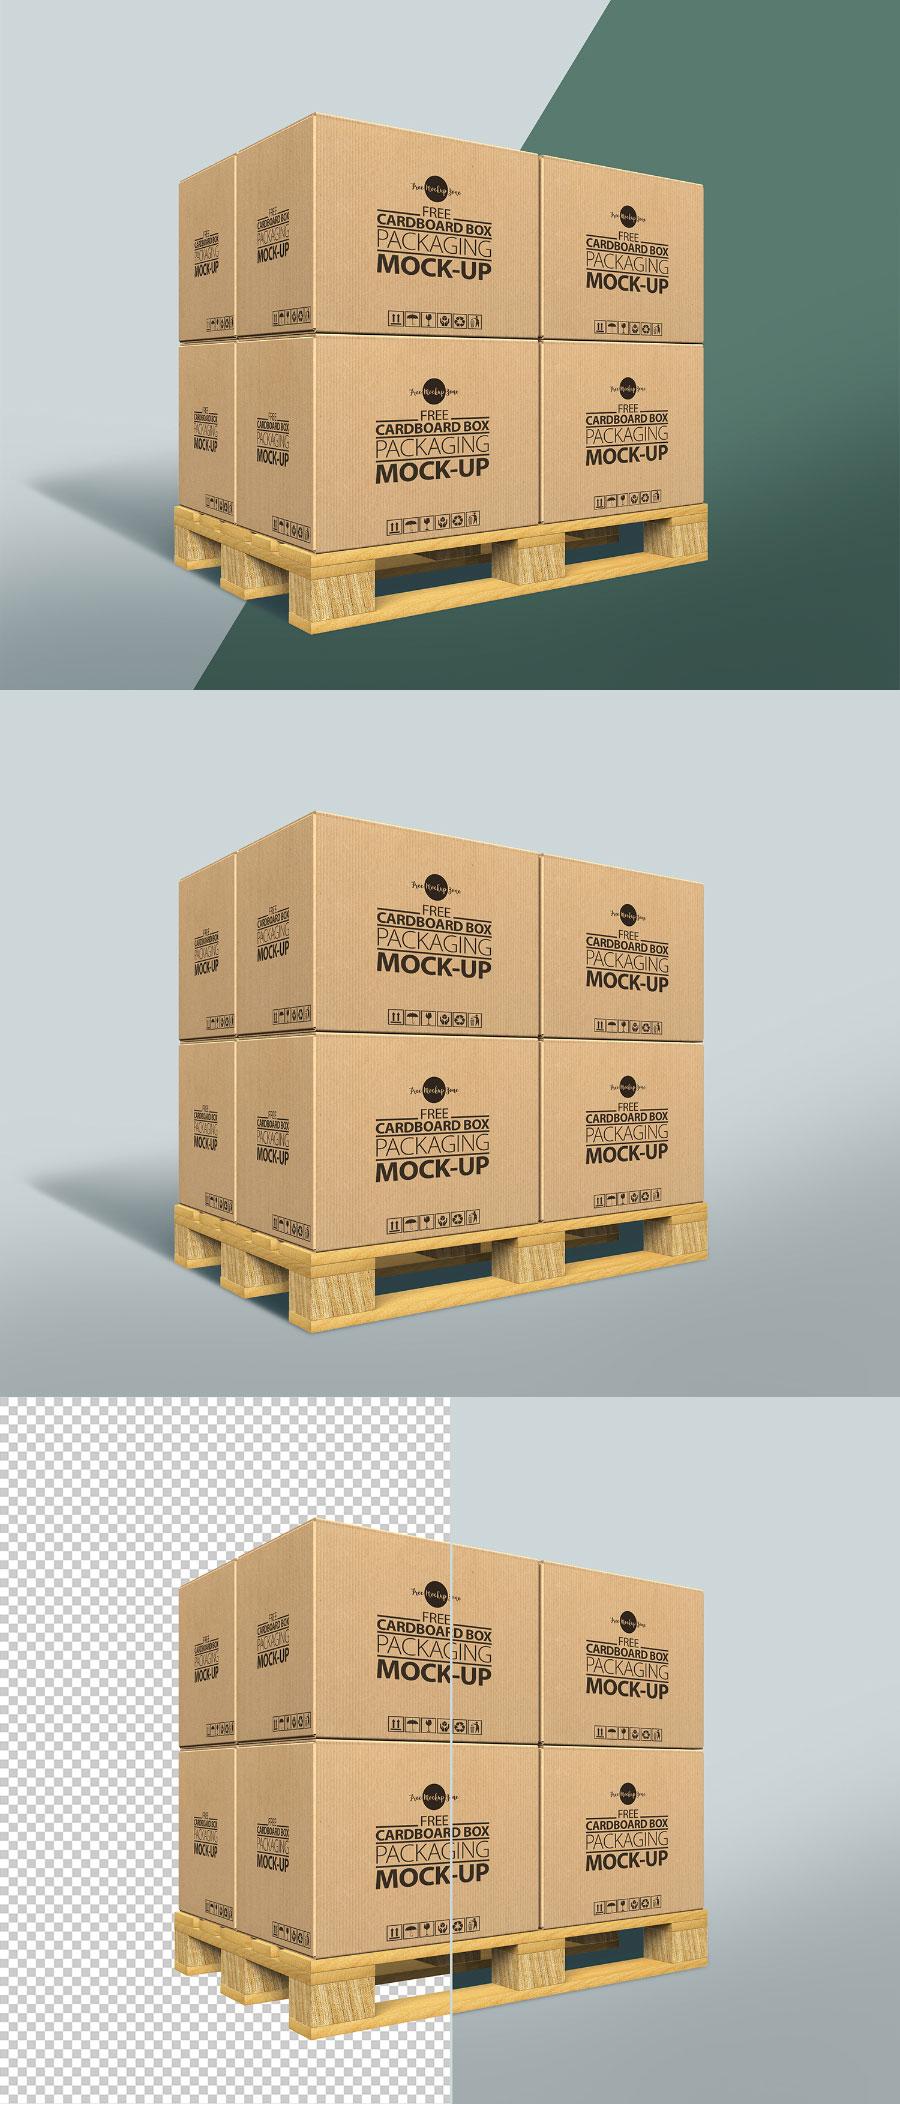 大型包装箱VI设计展示模型(Mockup)PSD下载